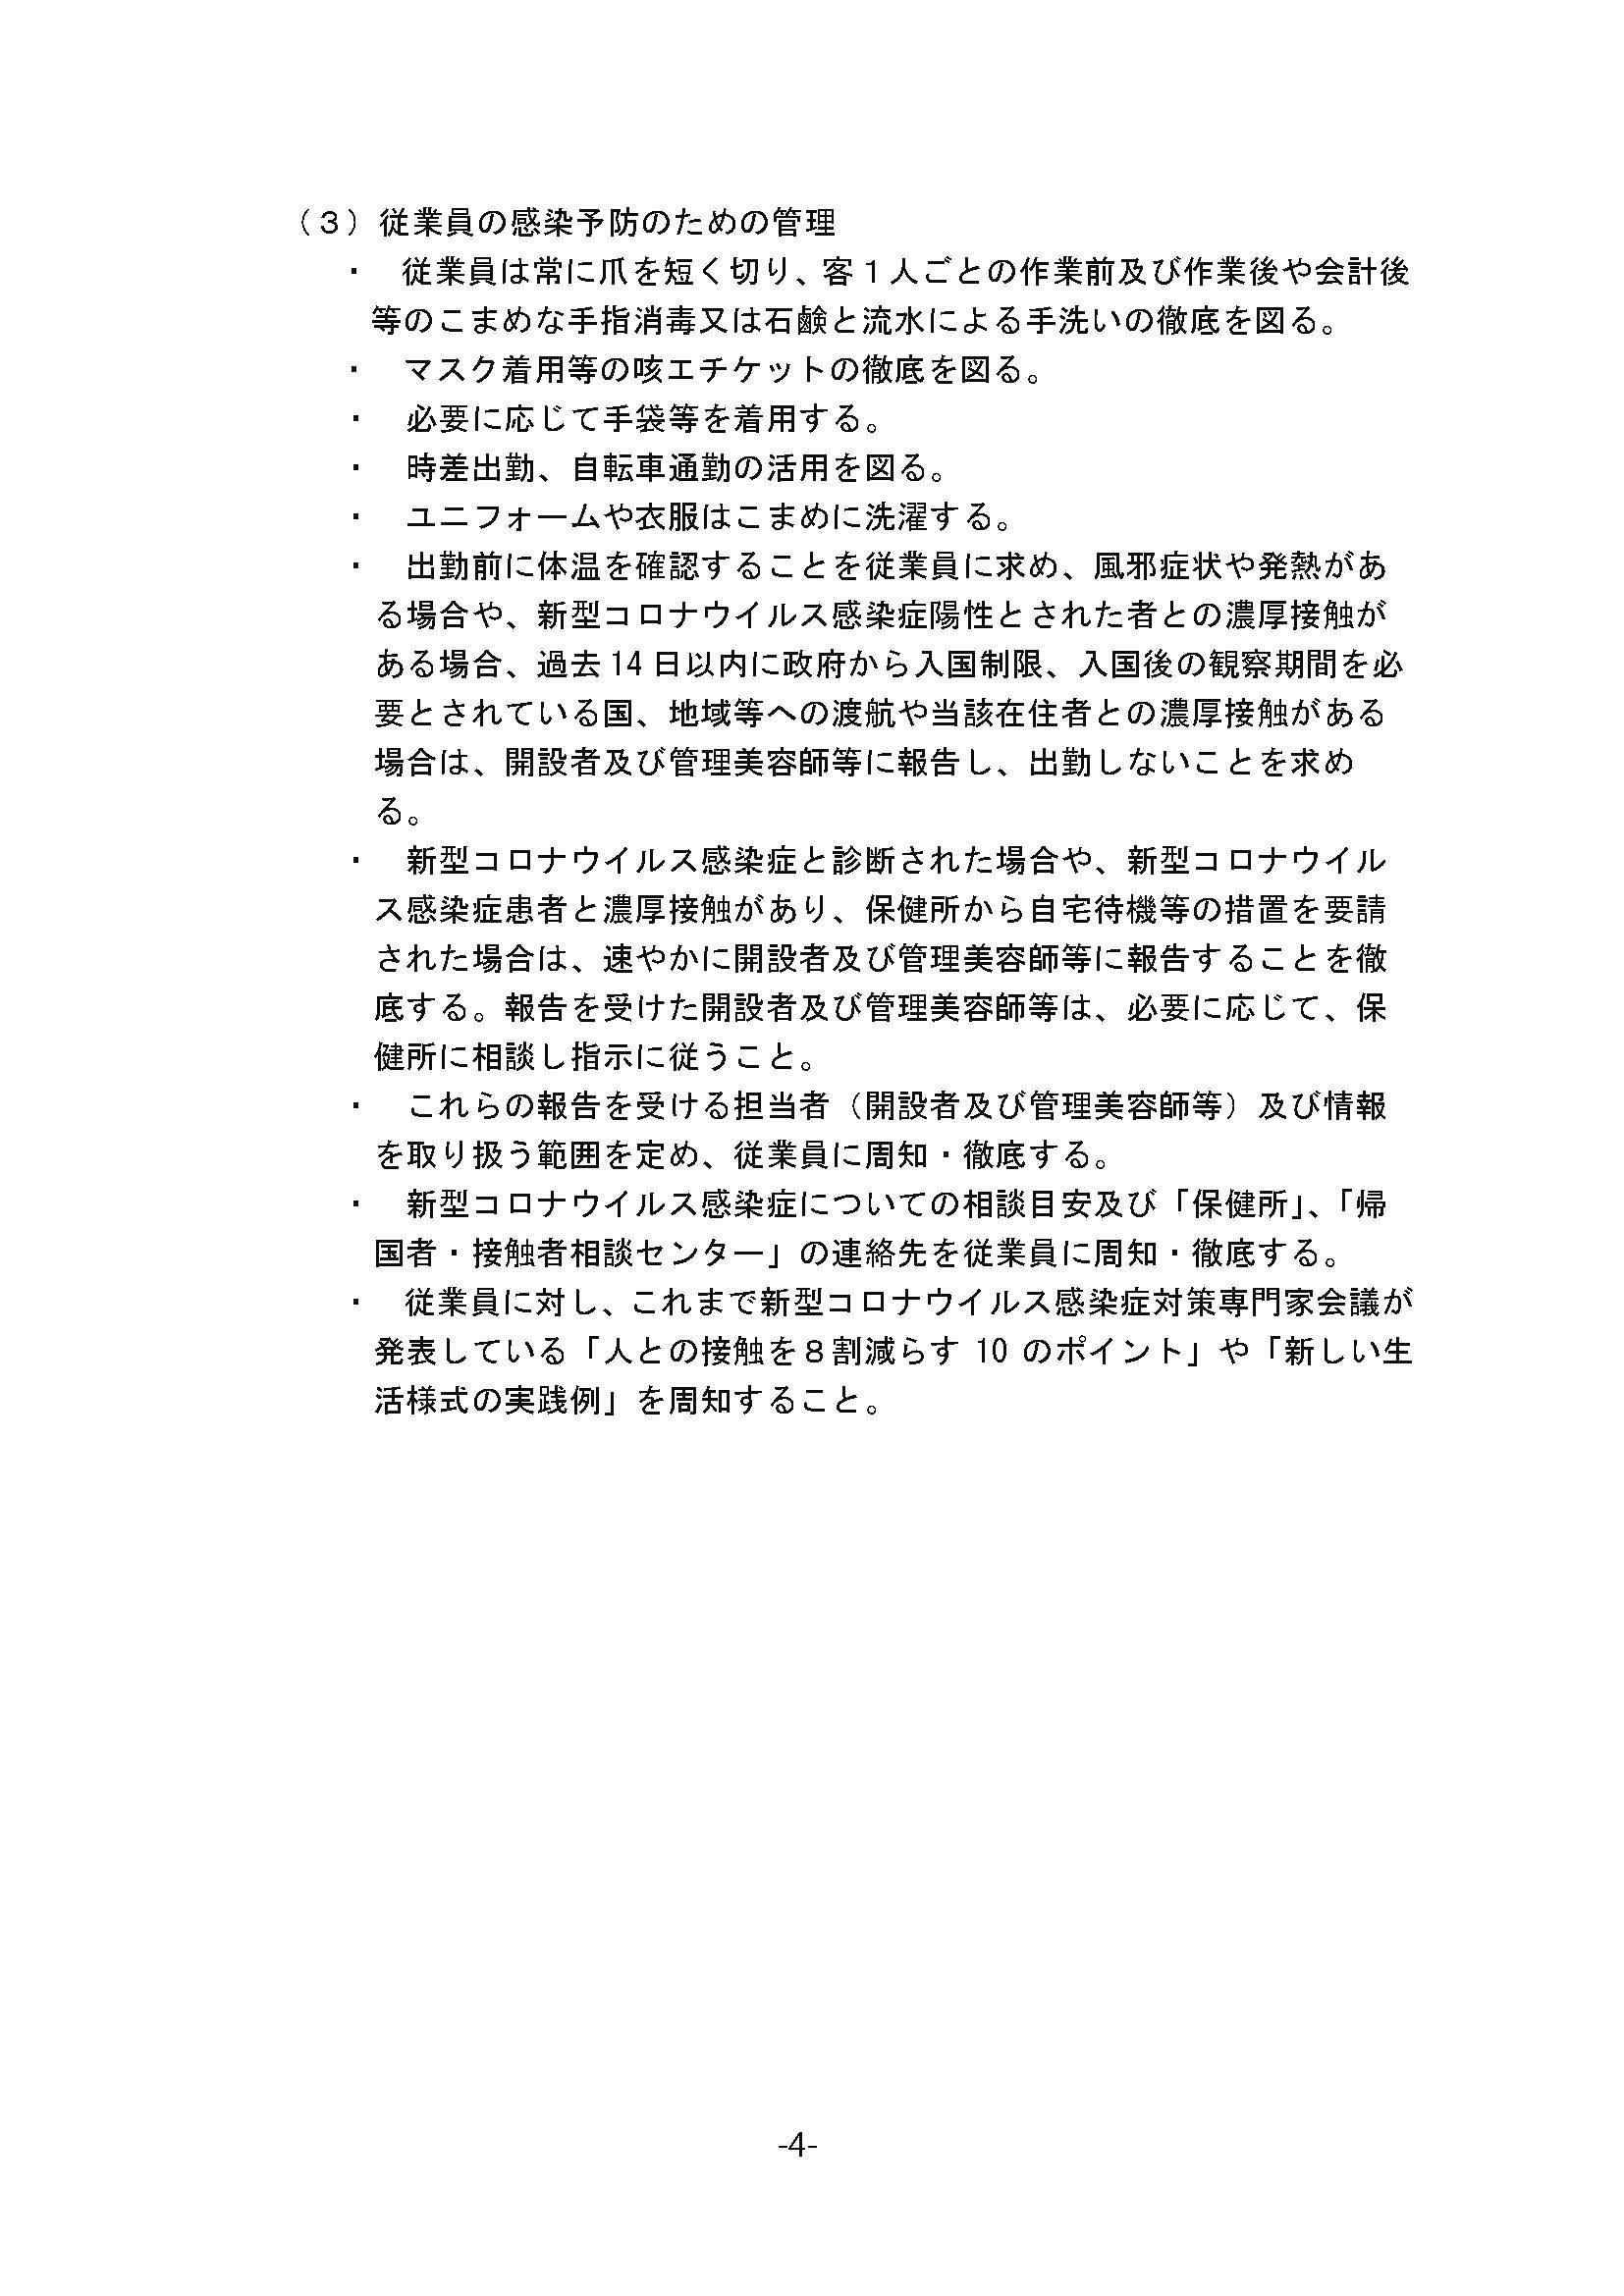 美容業界の感染防止ガイドライン(全美連作成)